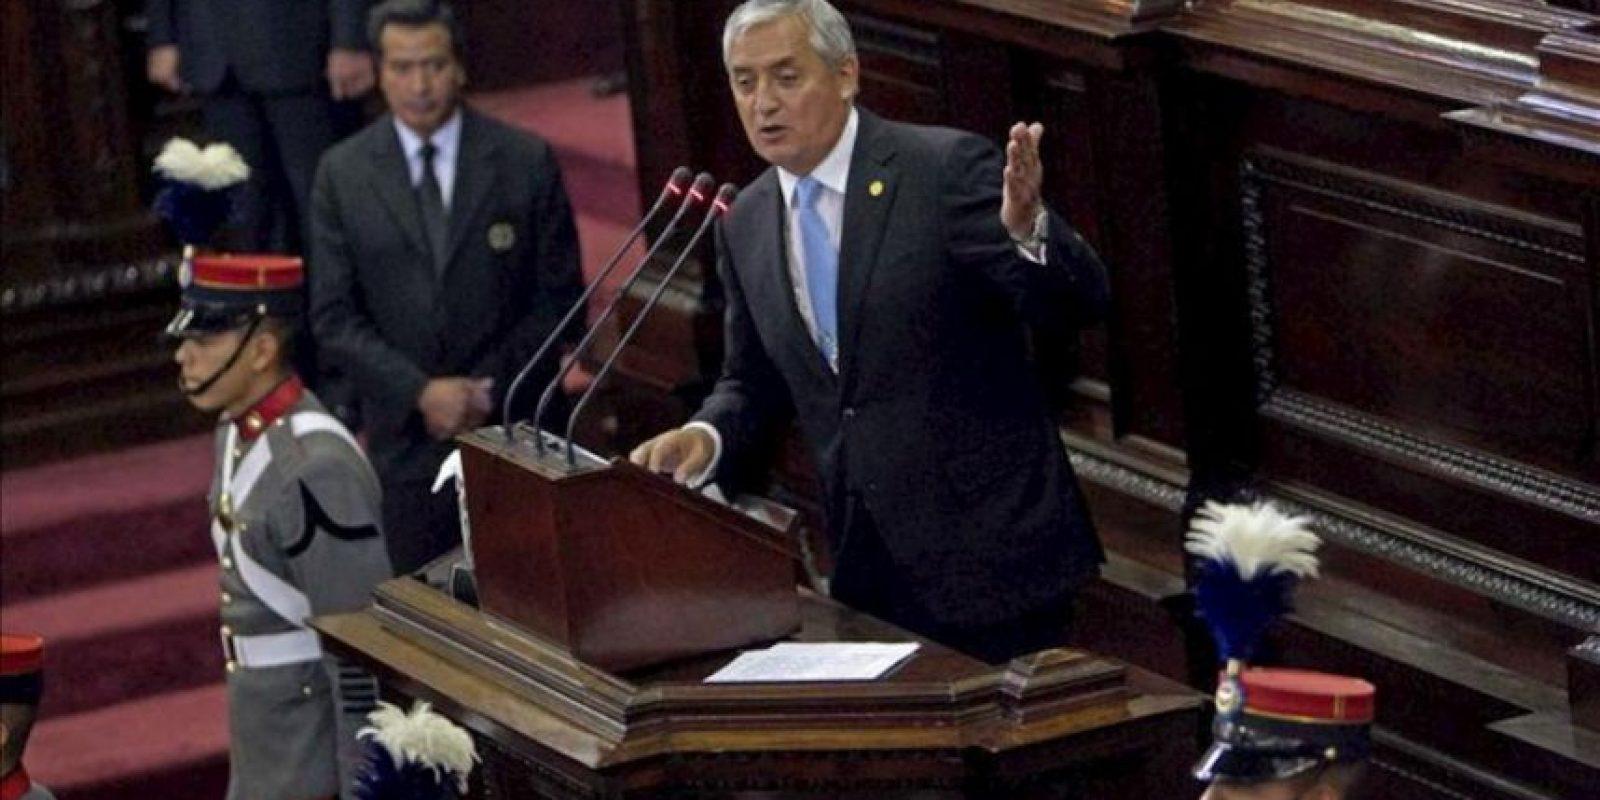 En la imagen, el presidente de Guatemala, Otto Pérez Molina. EFE/Archivo